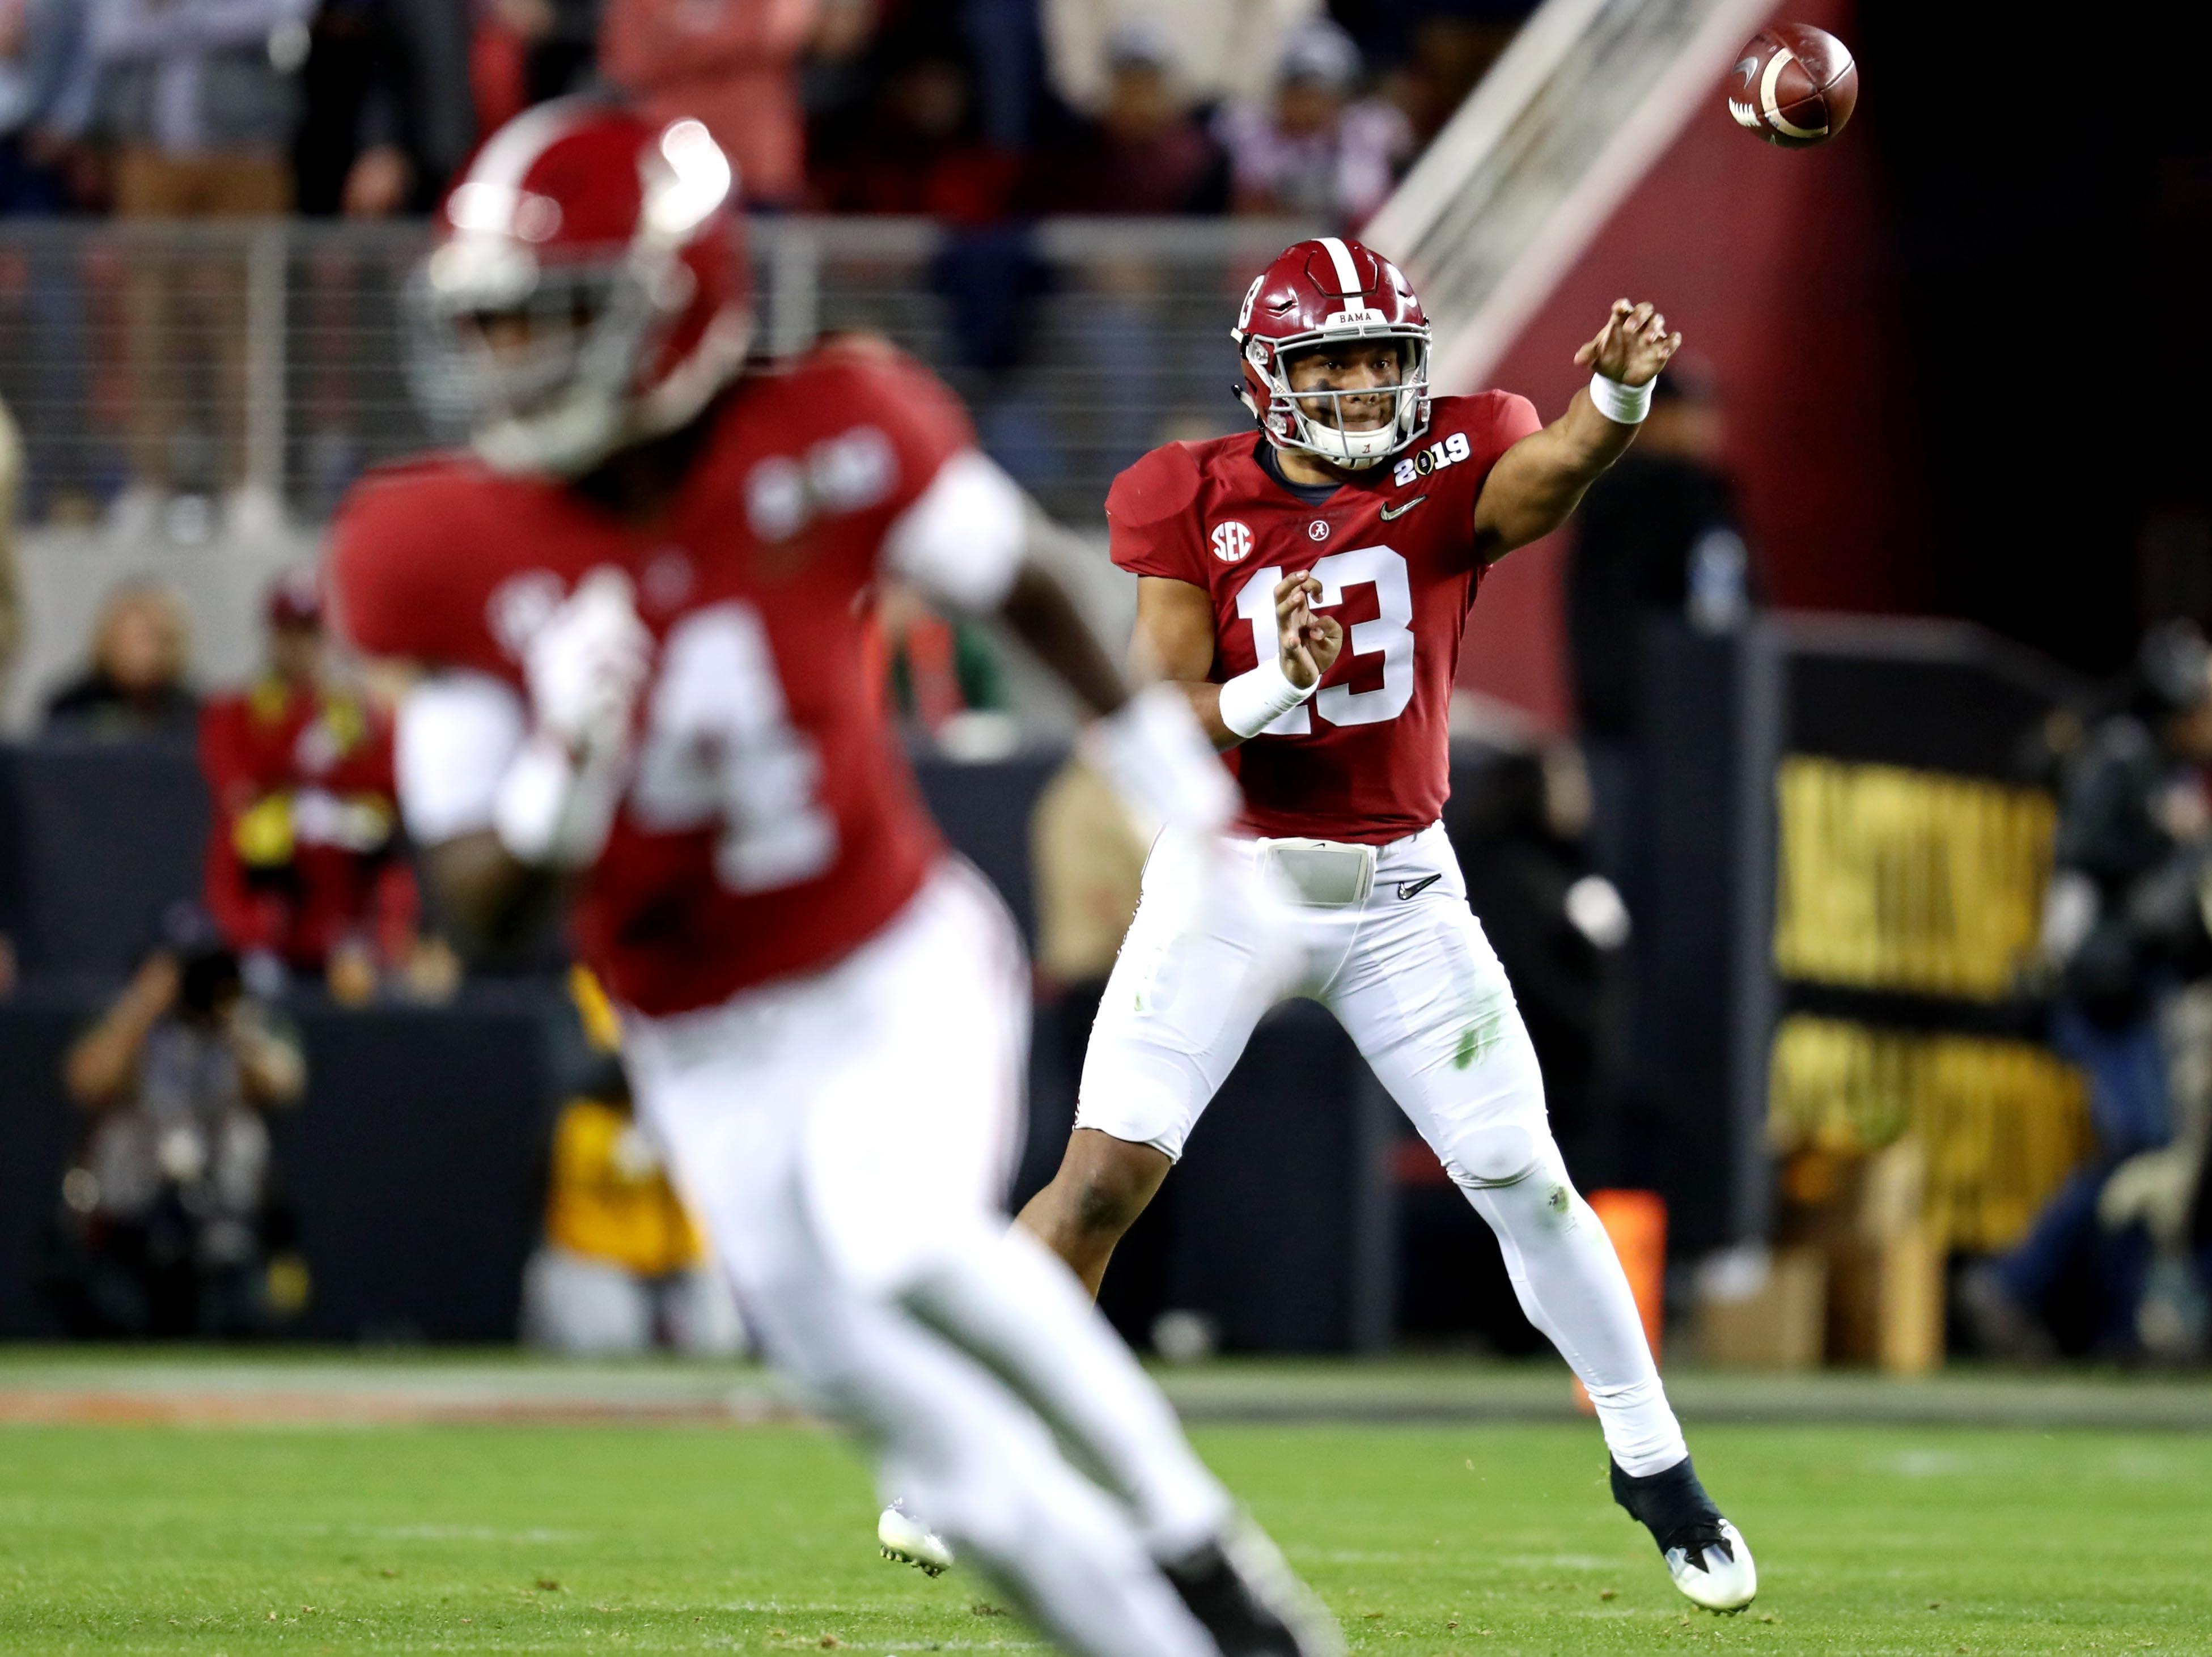 Alabama quarterback Tua Tagovailoa throws a pass during the third quarter.